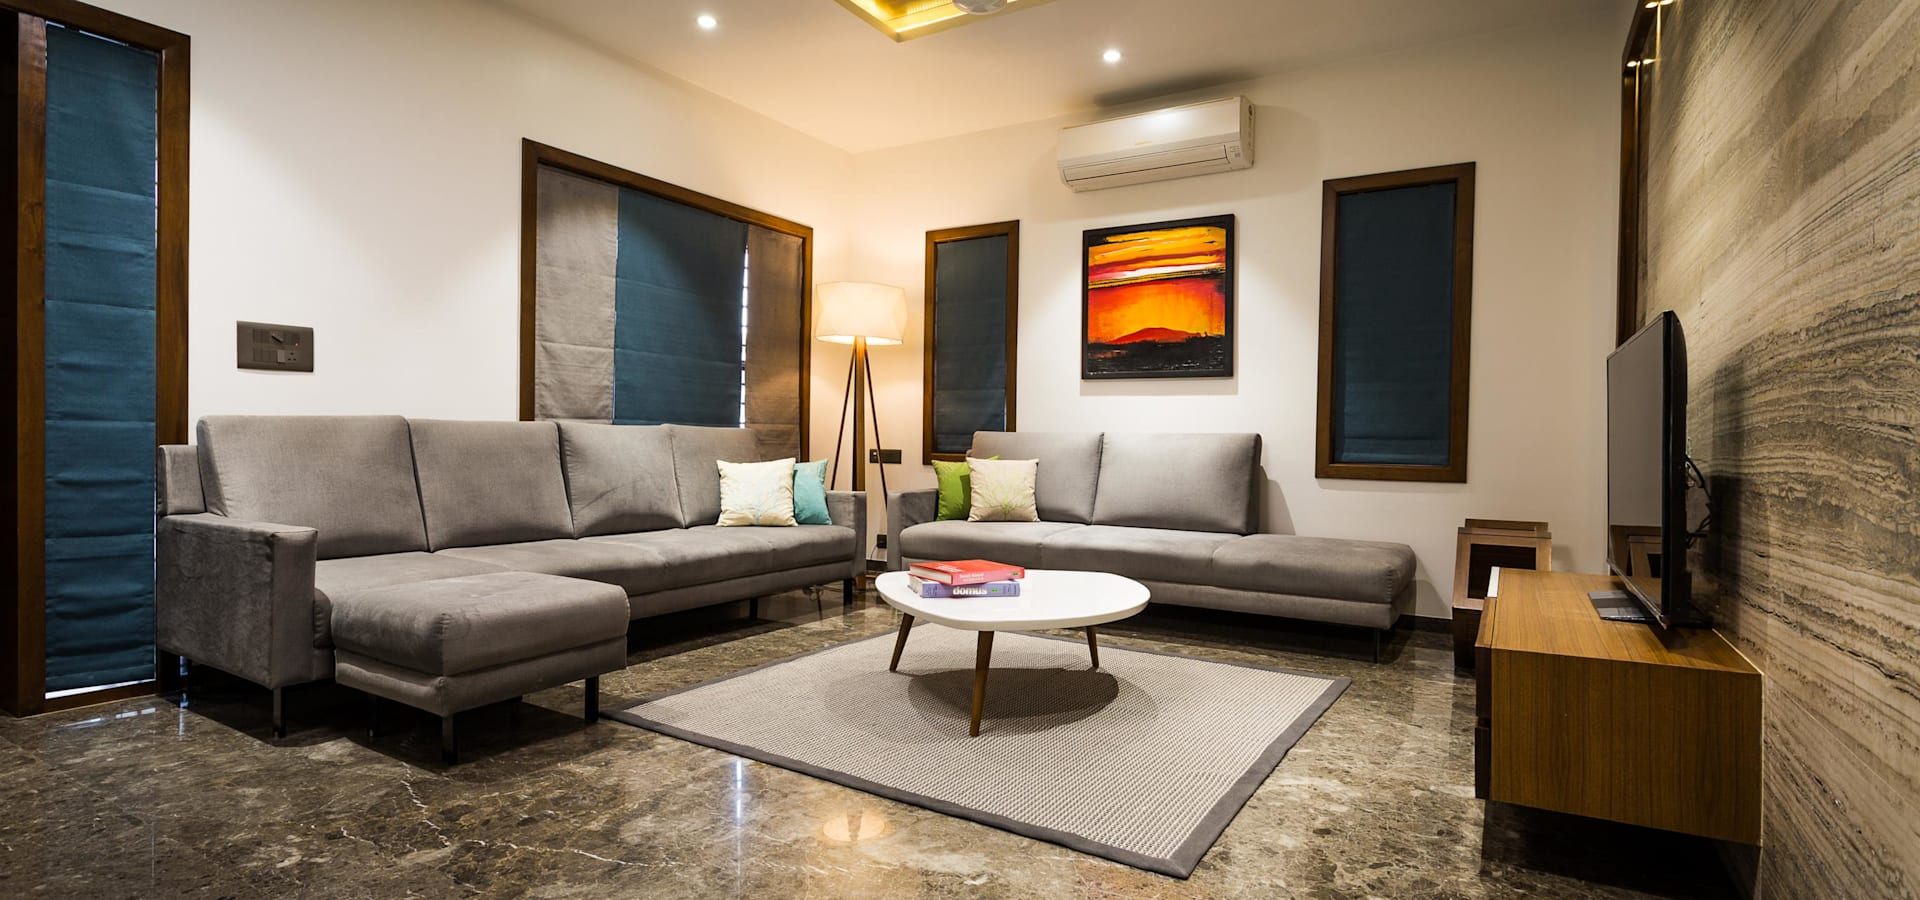 Vipul Patel Architects